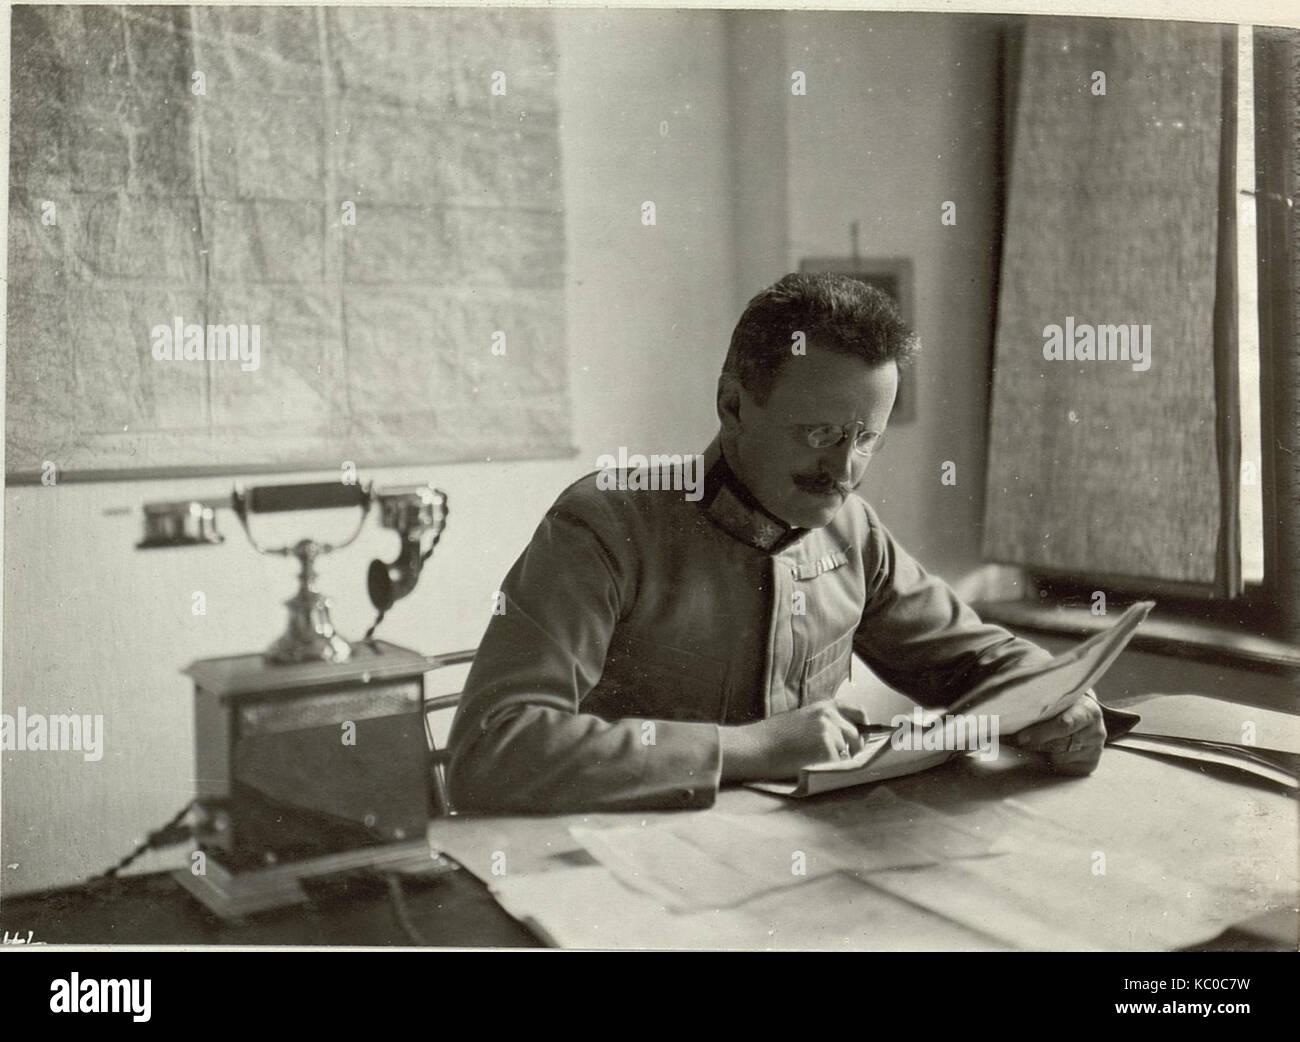 Generalstabschef der 48. ITD. Obstlt.des Gstbs. STEURER. Aufgenommen, am 22. September 1915. (BildID 15460335) - Stock Image